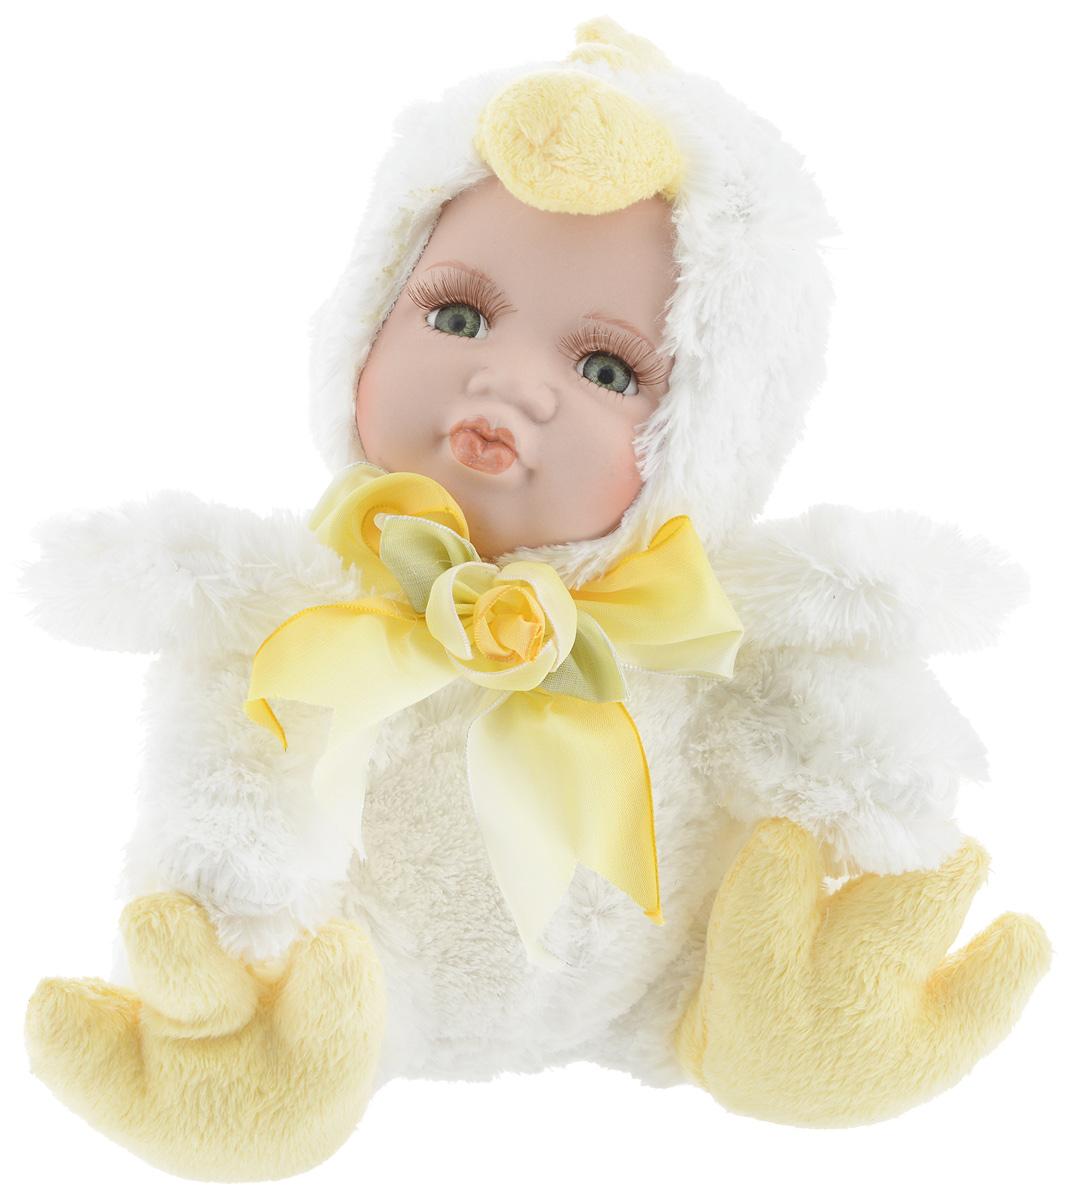 Фигурка ESTRO Ребенок в костюме цыпленка, цвет: белый, желтый, высота 22 смC21-128215BДекоративная фигурка Ребенок в костюме цыпленка изготовлена из высококачественных материалов в оригинальном стиле. Фигурка выполнена в виде ребенка в костюме цыпленка. Уютнаяи милая интерьерная игрушка предназначена для взрослых и детей, для игр и украшения новогодней елки, да и просто, для создания праздничной атмосферыв интерьере!Фигурка прекрасно украсит ваш дом к празднику, а в остальные дни с ней с удовольствием будут играть дети. Оригинальный дизайн и красочное исполнение создадут праздничное настроение. Фигурка создана вручную, неповторима и оригинальна.Порадуйте своих друзей и близких этим замечательным подарком!